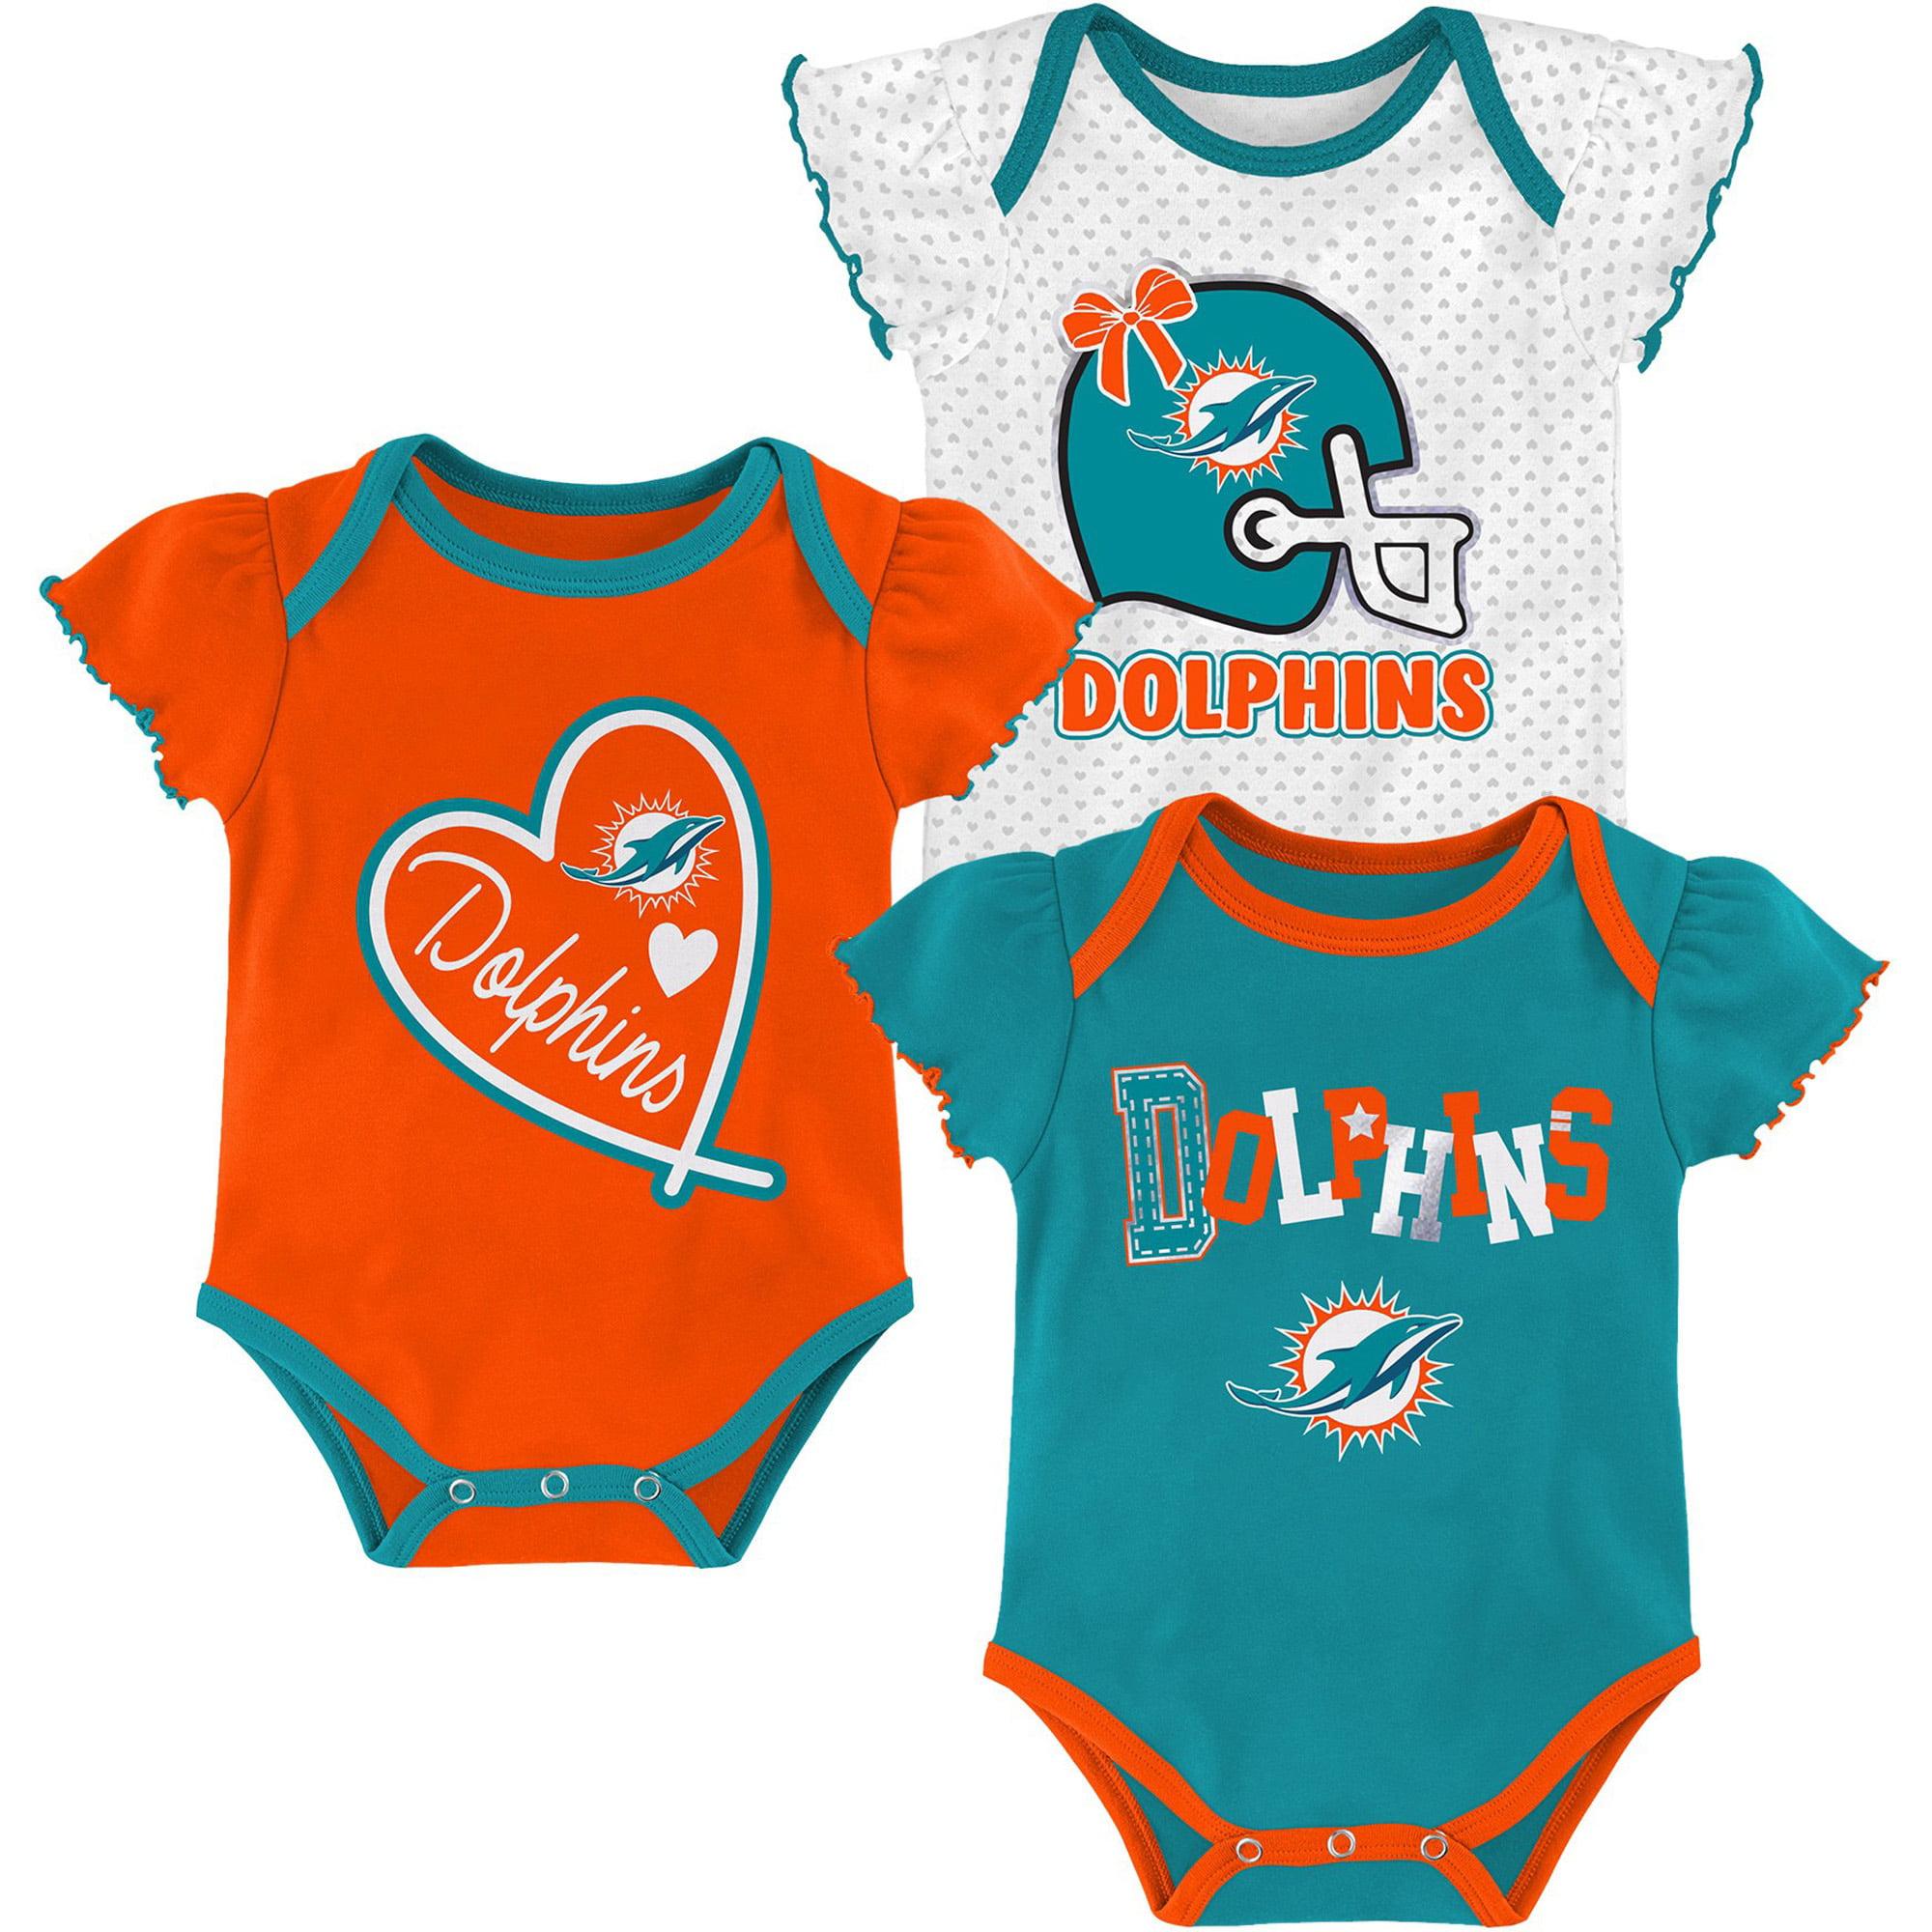 Miami Dolphins Toddler Hair Bow Set Teal or Orange